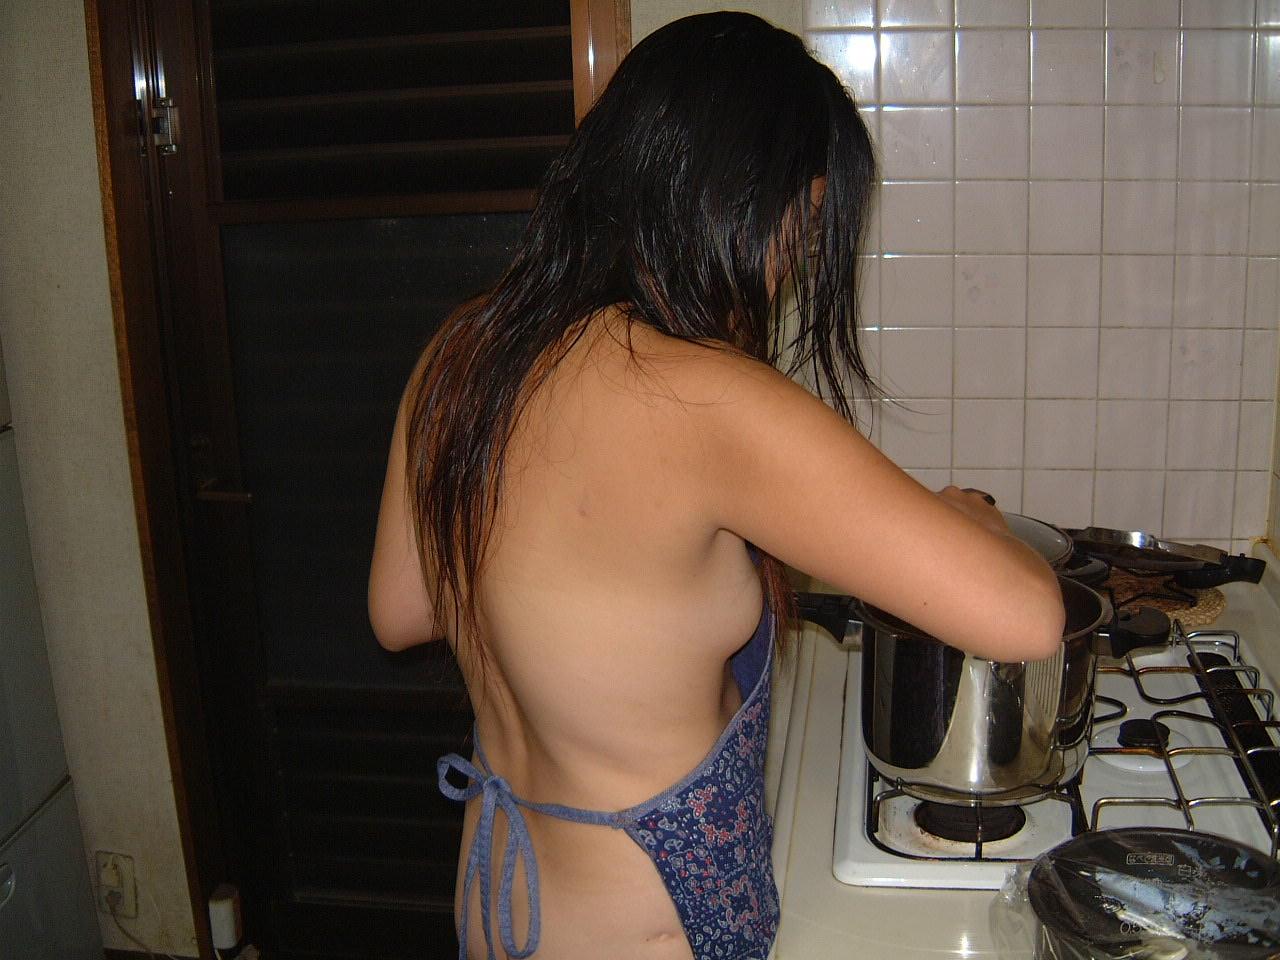 素人妻が誕生日に旦那にご褒美www男の憧れ裸にエプロンでお出迎え~!!! 1111